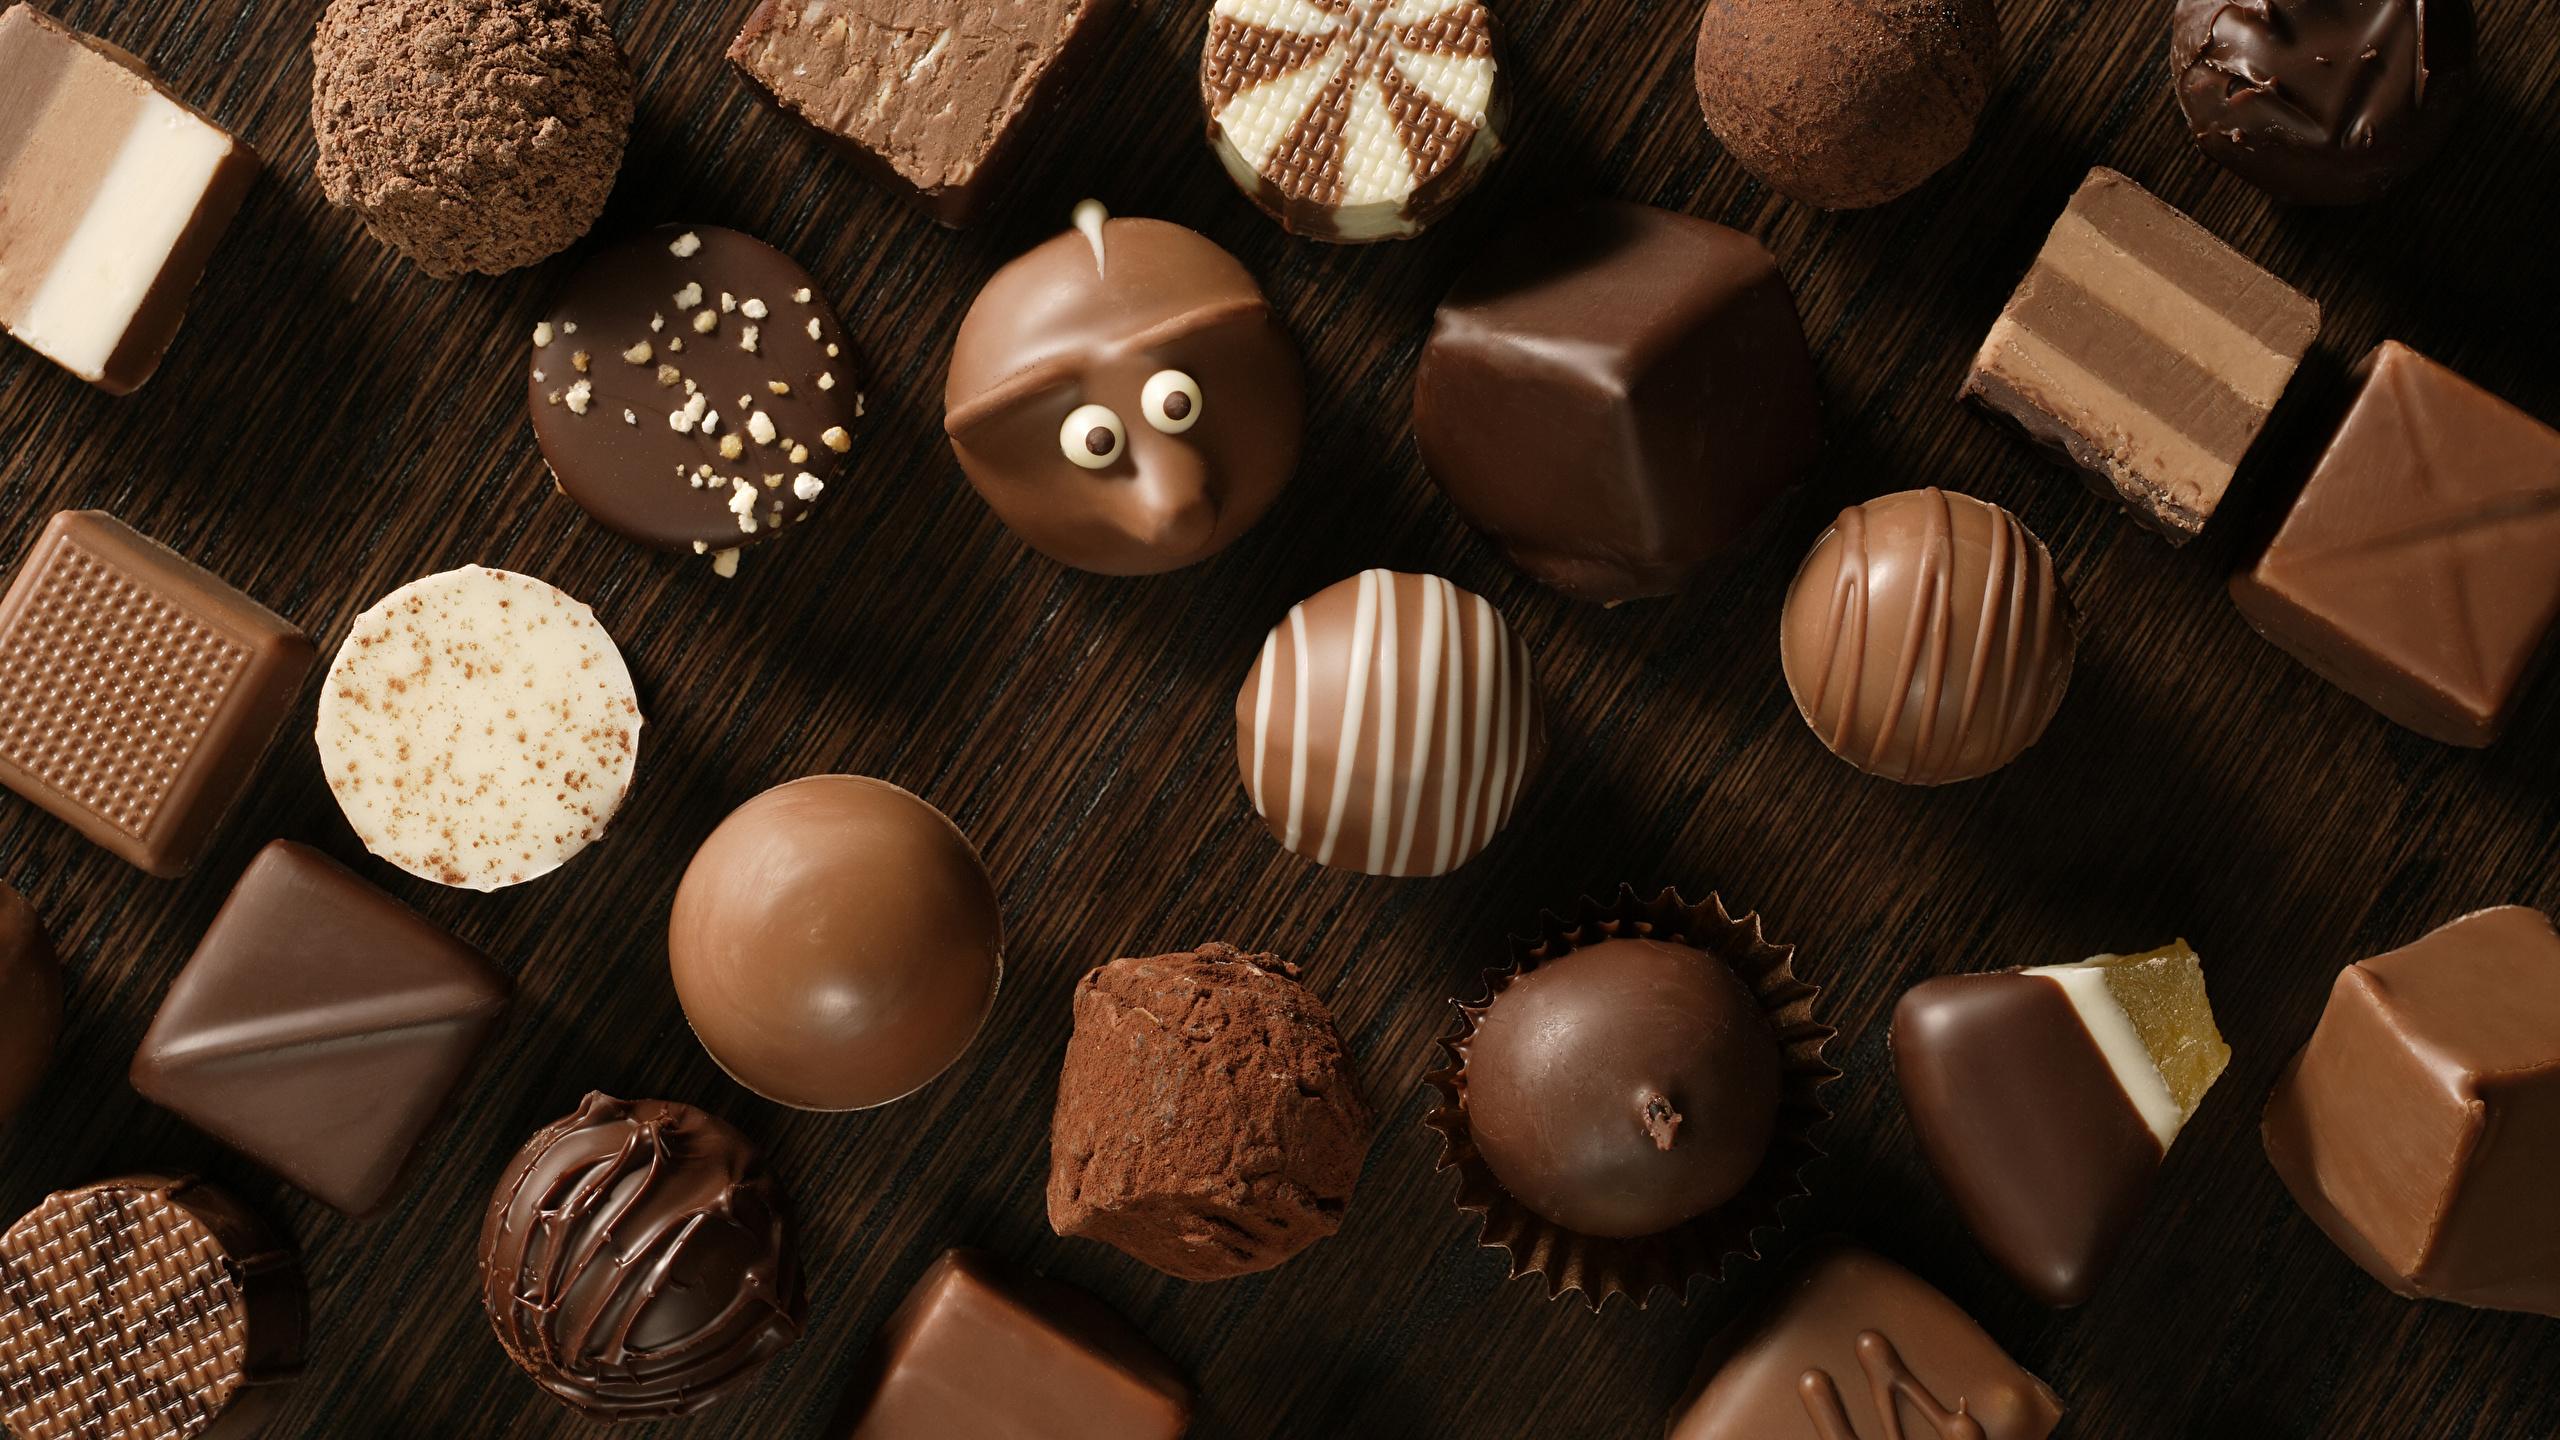 Картинка Шоколад Конфеты Еда сладкая еда 2560x1440 Пища Продукты питания Сладости